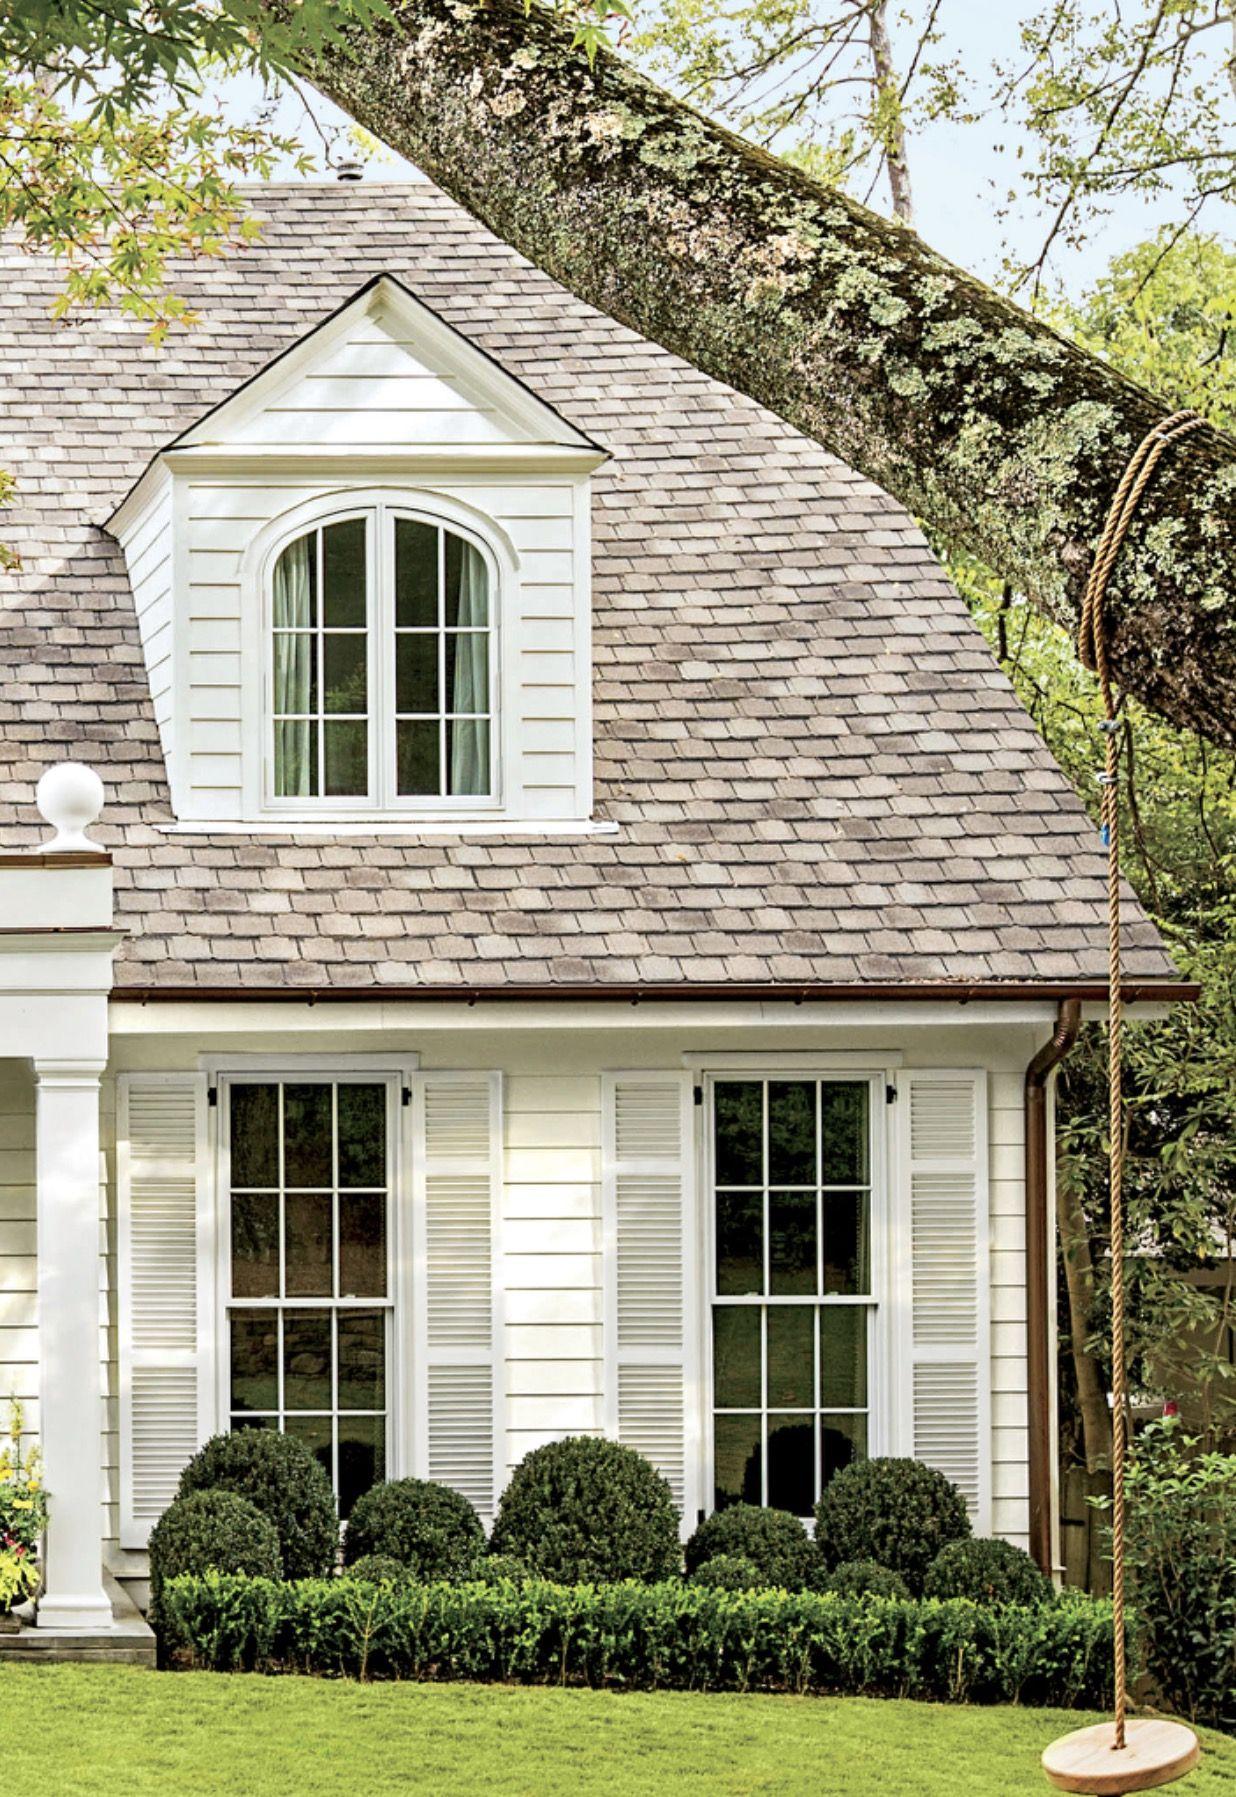 Fachada clssica casas clasico patio exterior plantas for Fachada casa clasica